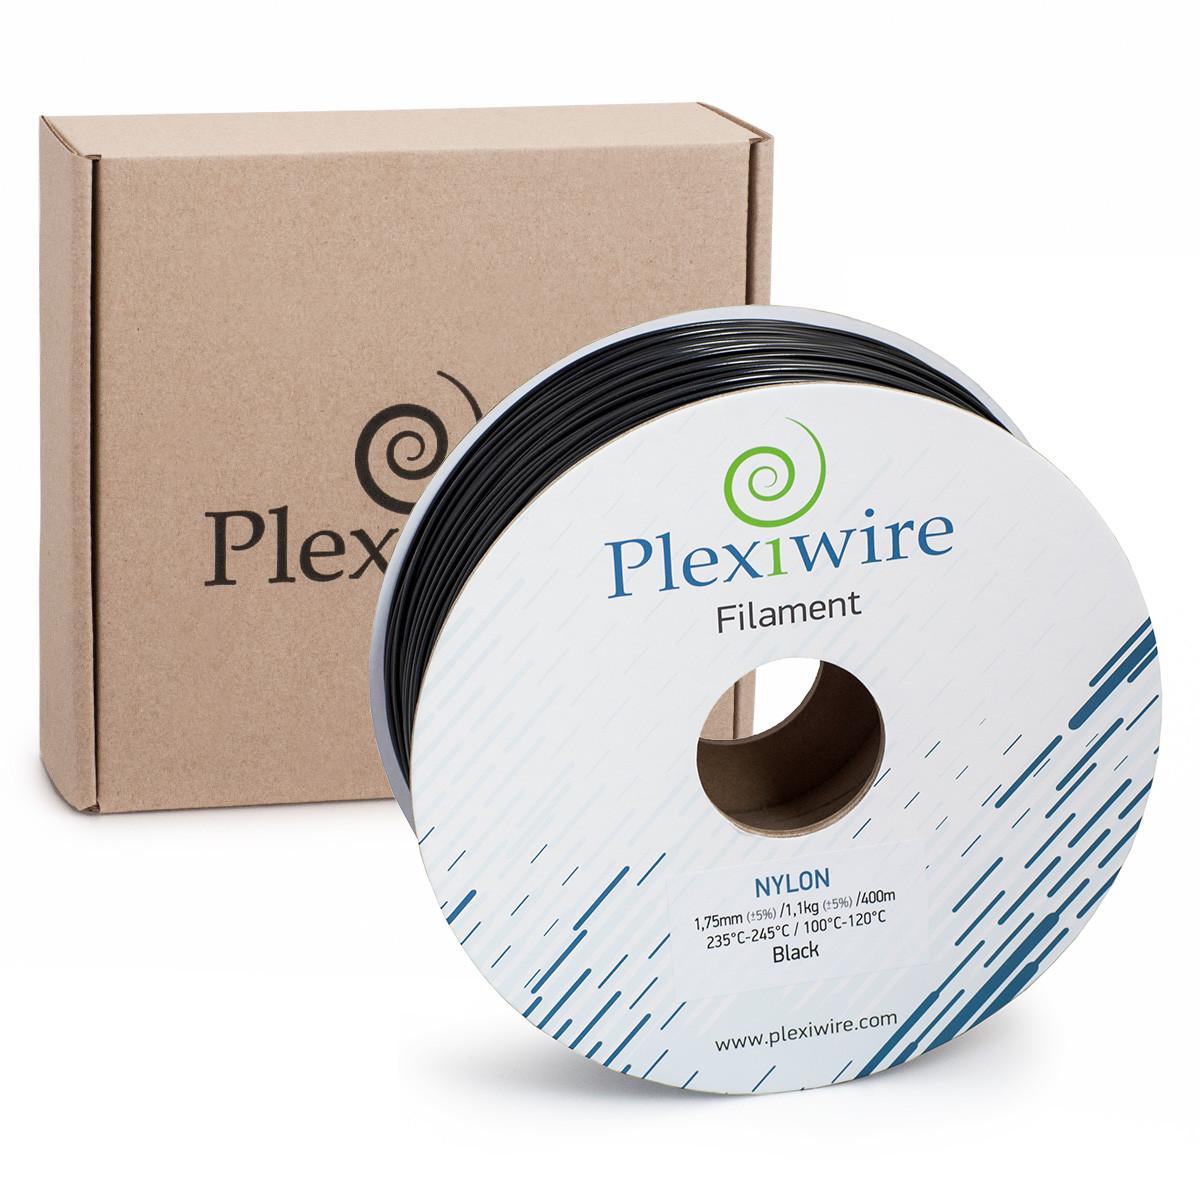 NYLON пластик Plexiwire для 3D принтера 1.75 мм Чорний (400 м / 1.1 кг)